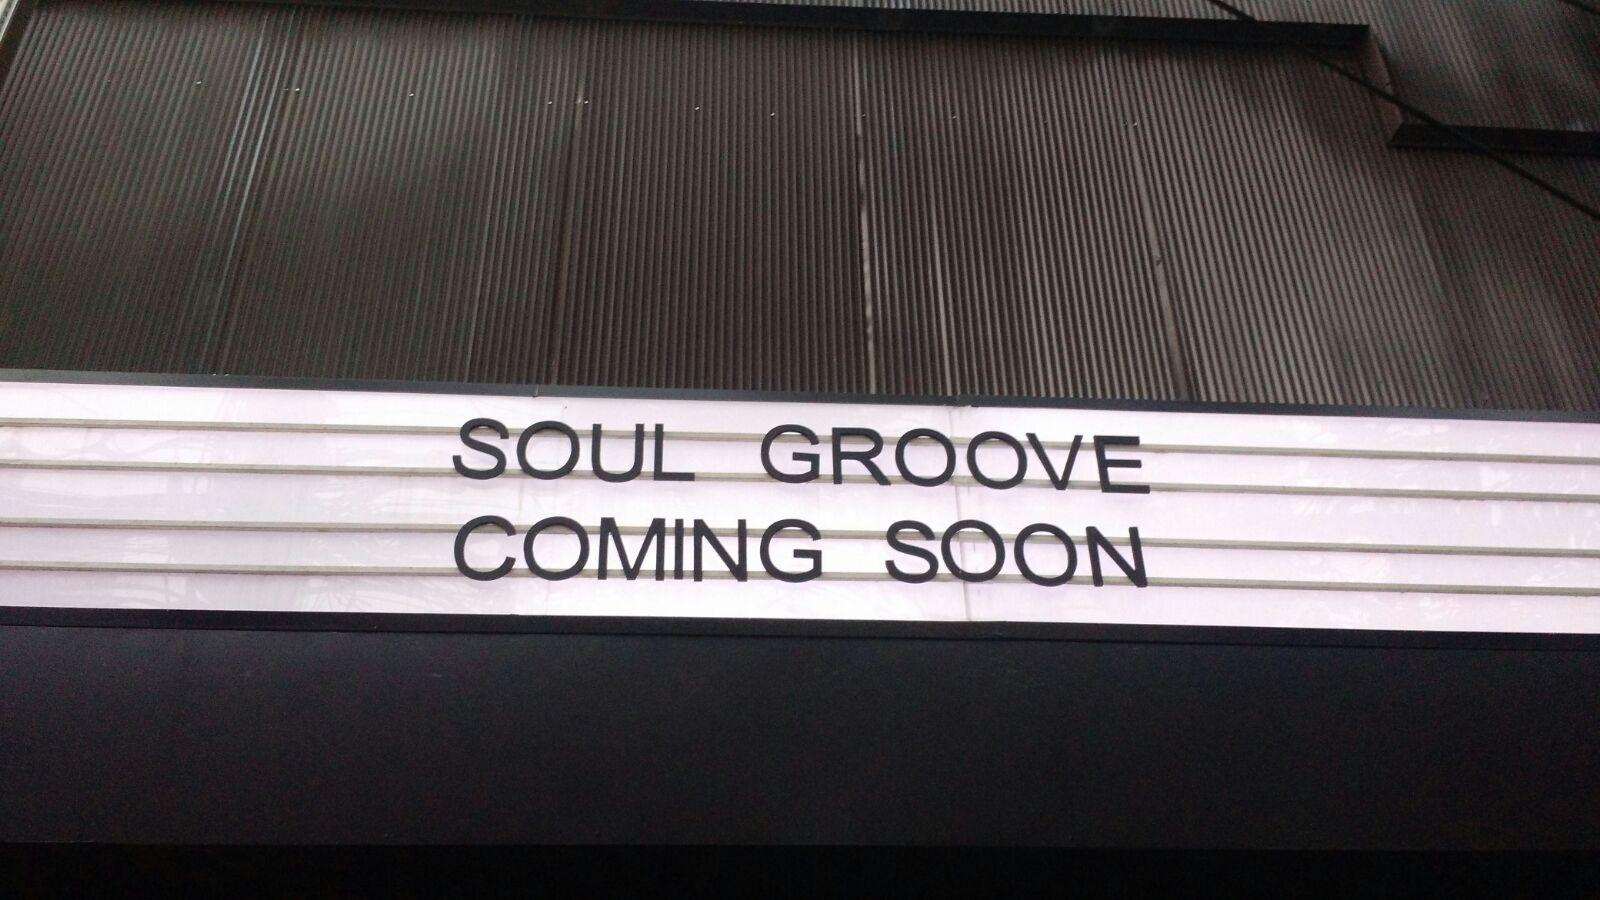 Soul Groove invade o She Rocks nas noites de quinta-feira Alê Salles, Du Ferreira, Fatu, She Rocks, Soul Groove